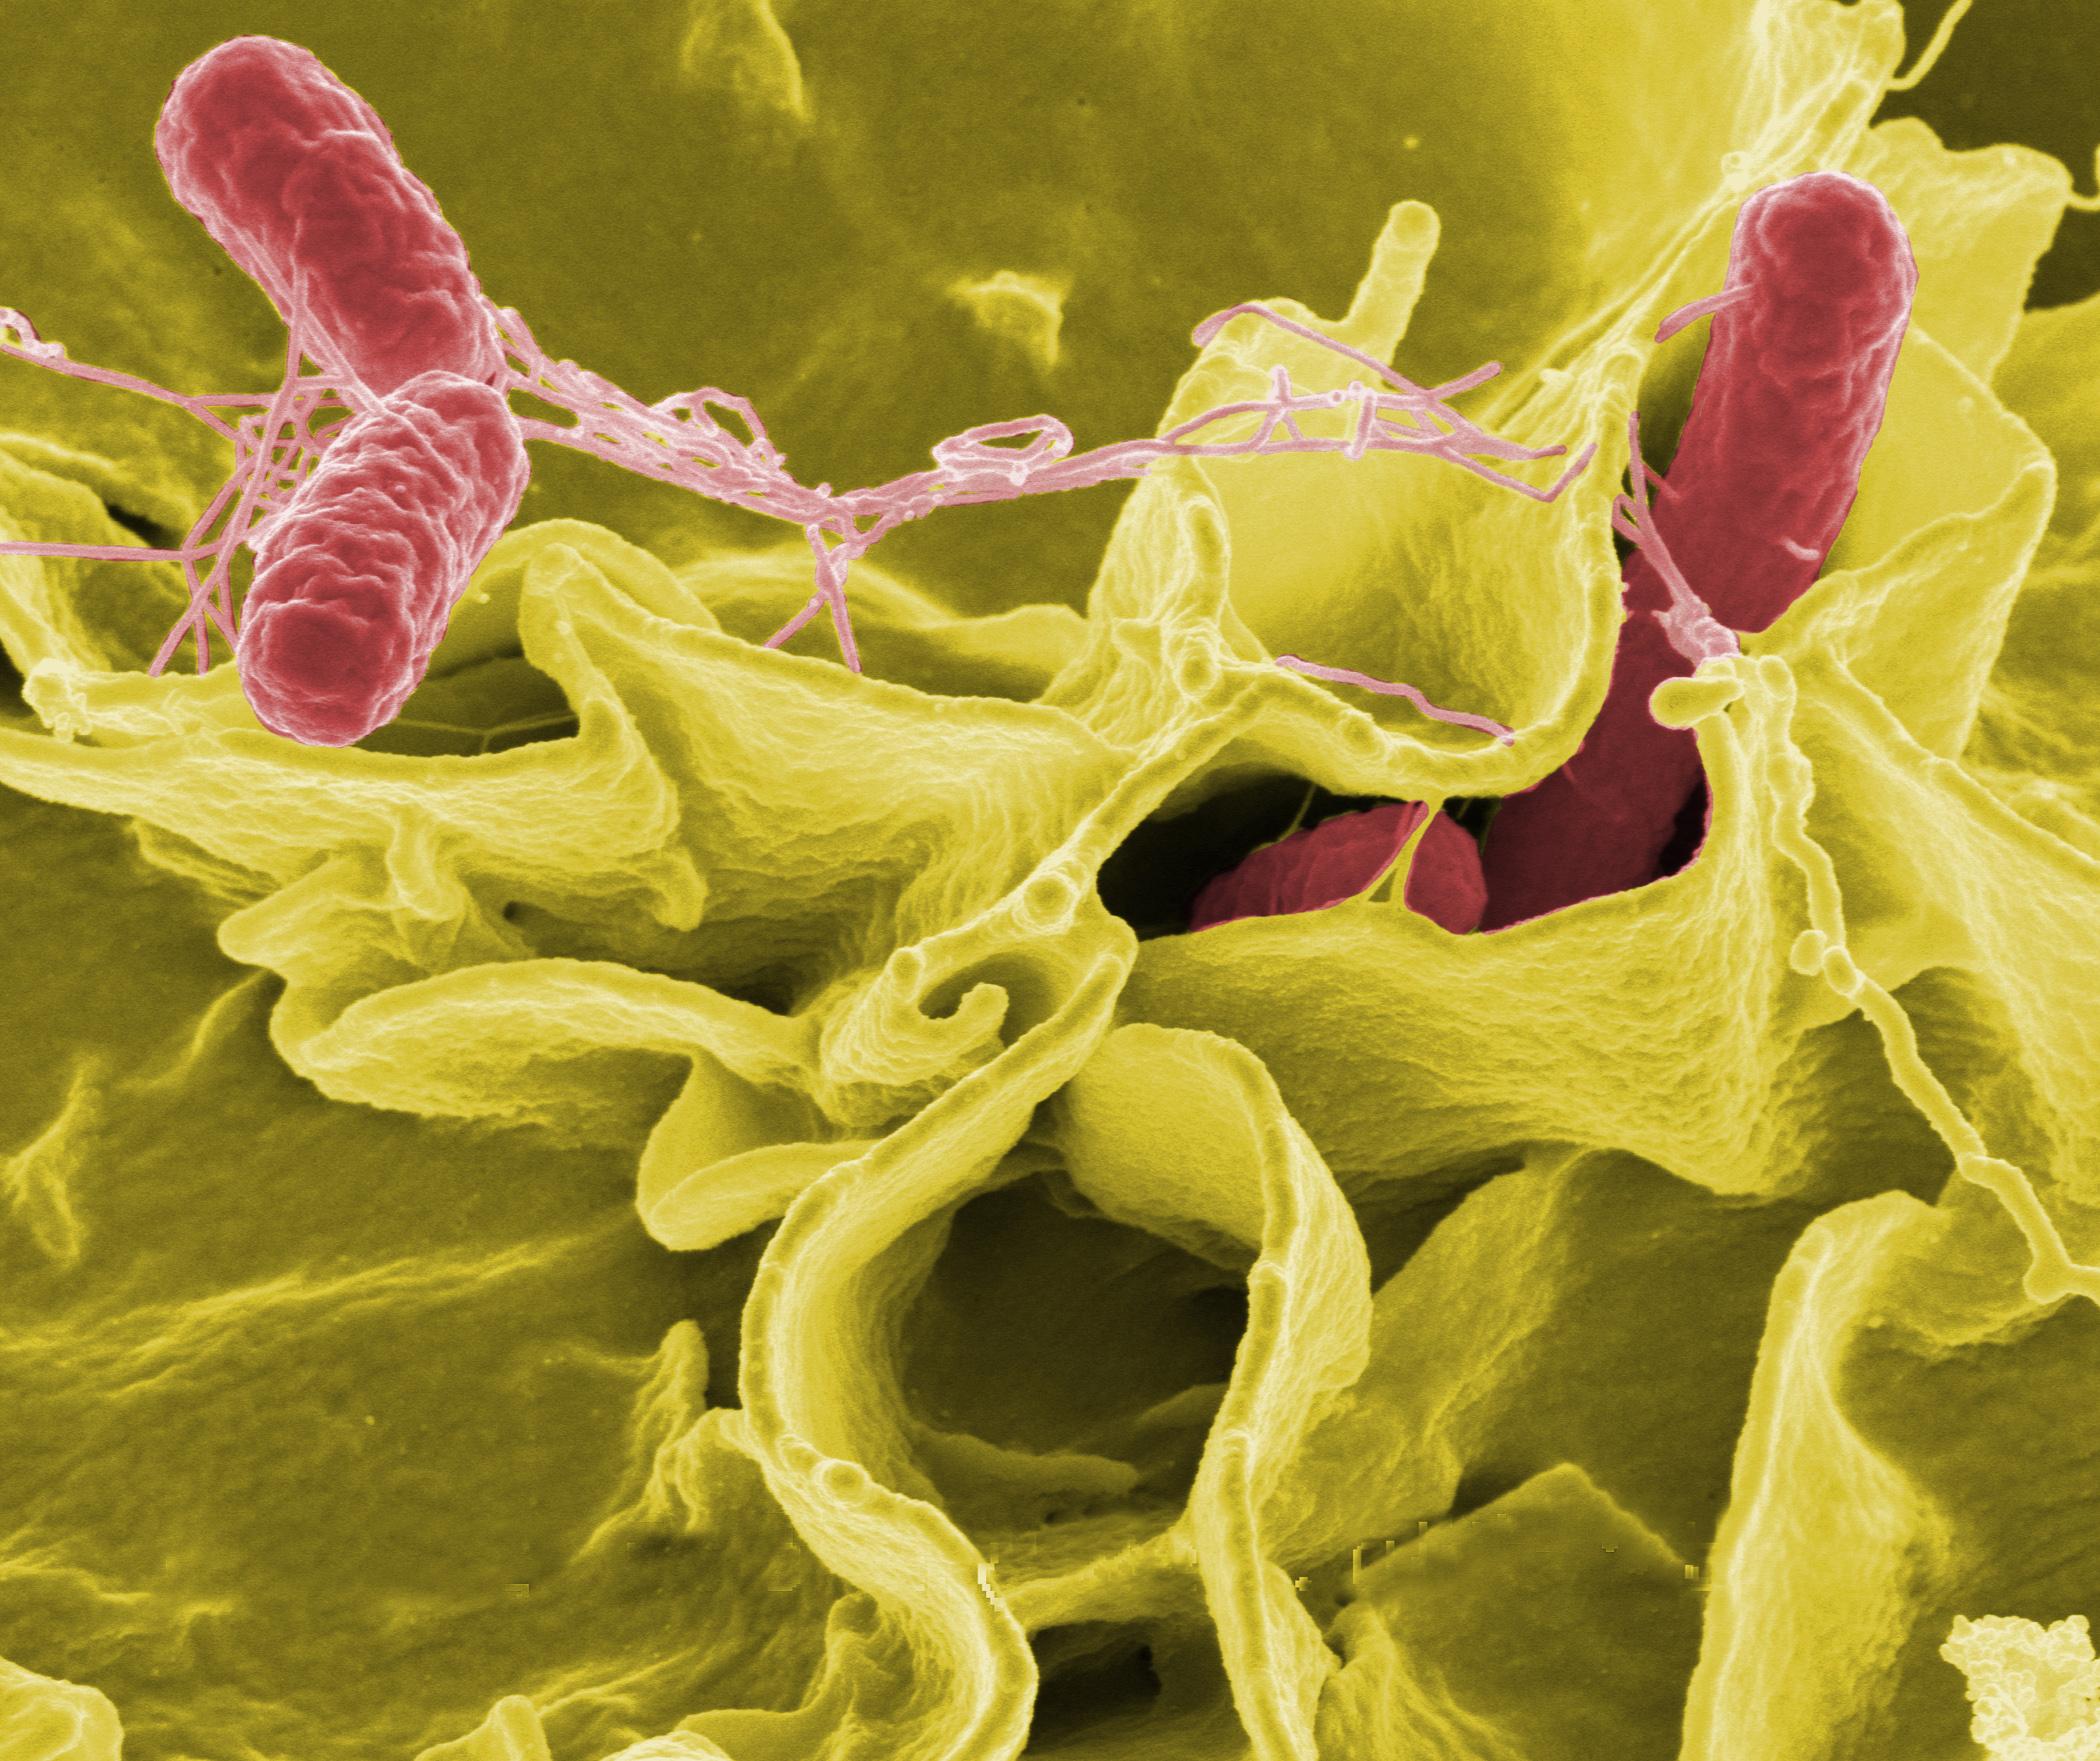 بیوسنسور جدید برای هدفگیری سالمونلا